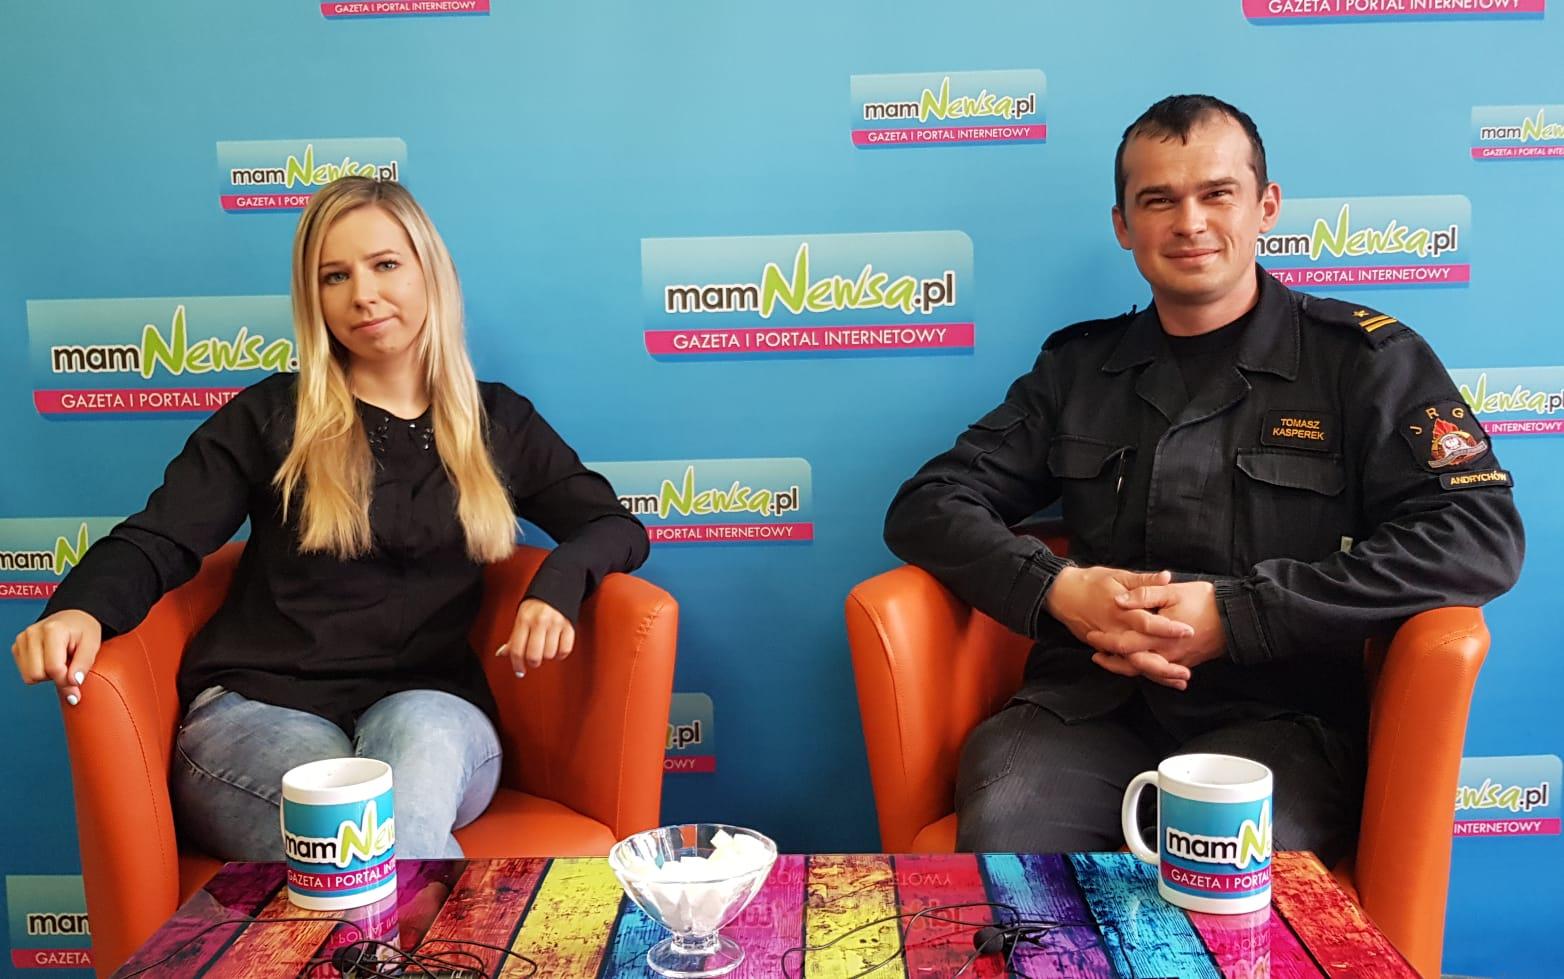 Rozmowy przy kawie z mamNewsa.pl. Nowy dowódca andrychowskich strażaków